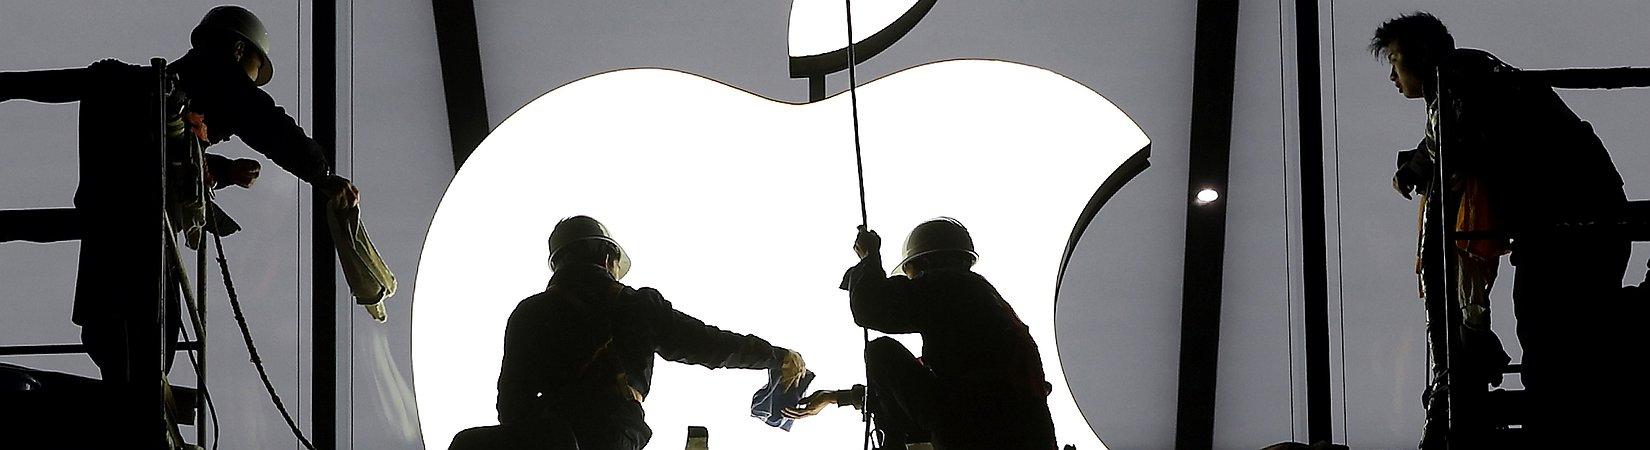 Apple spenderà 1 mld $ per creare posti di lavoro negli Stati Uniti